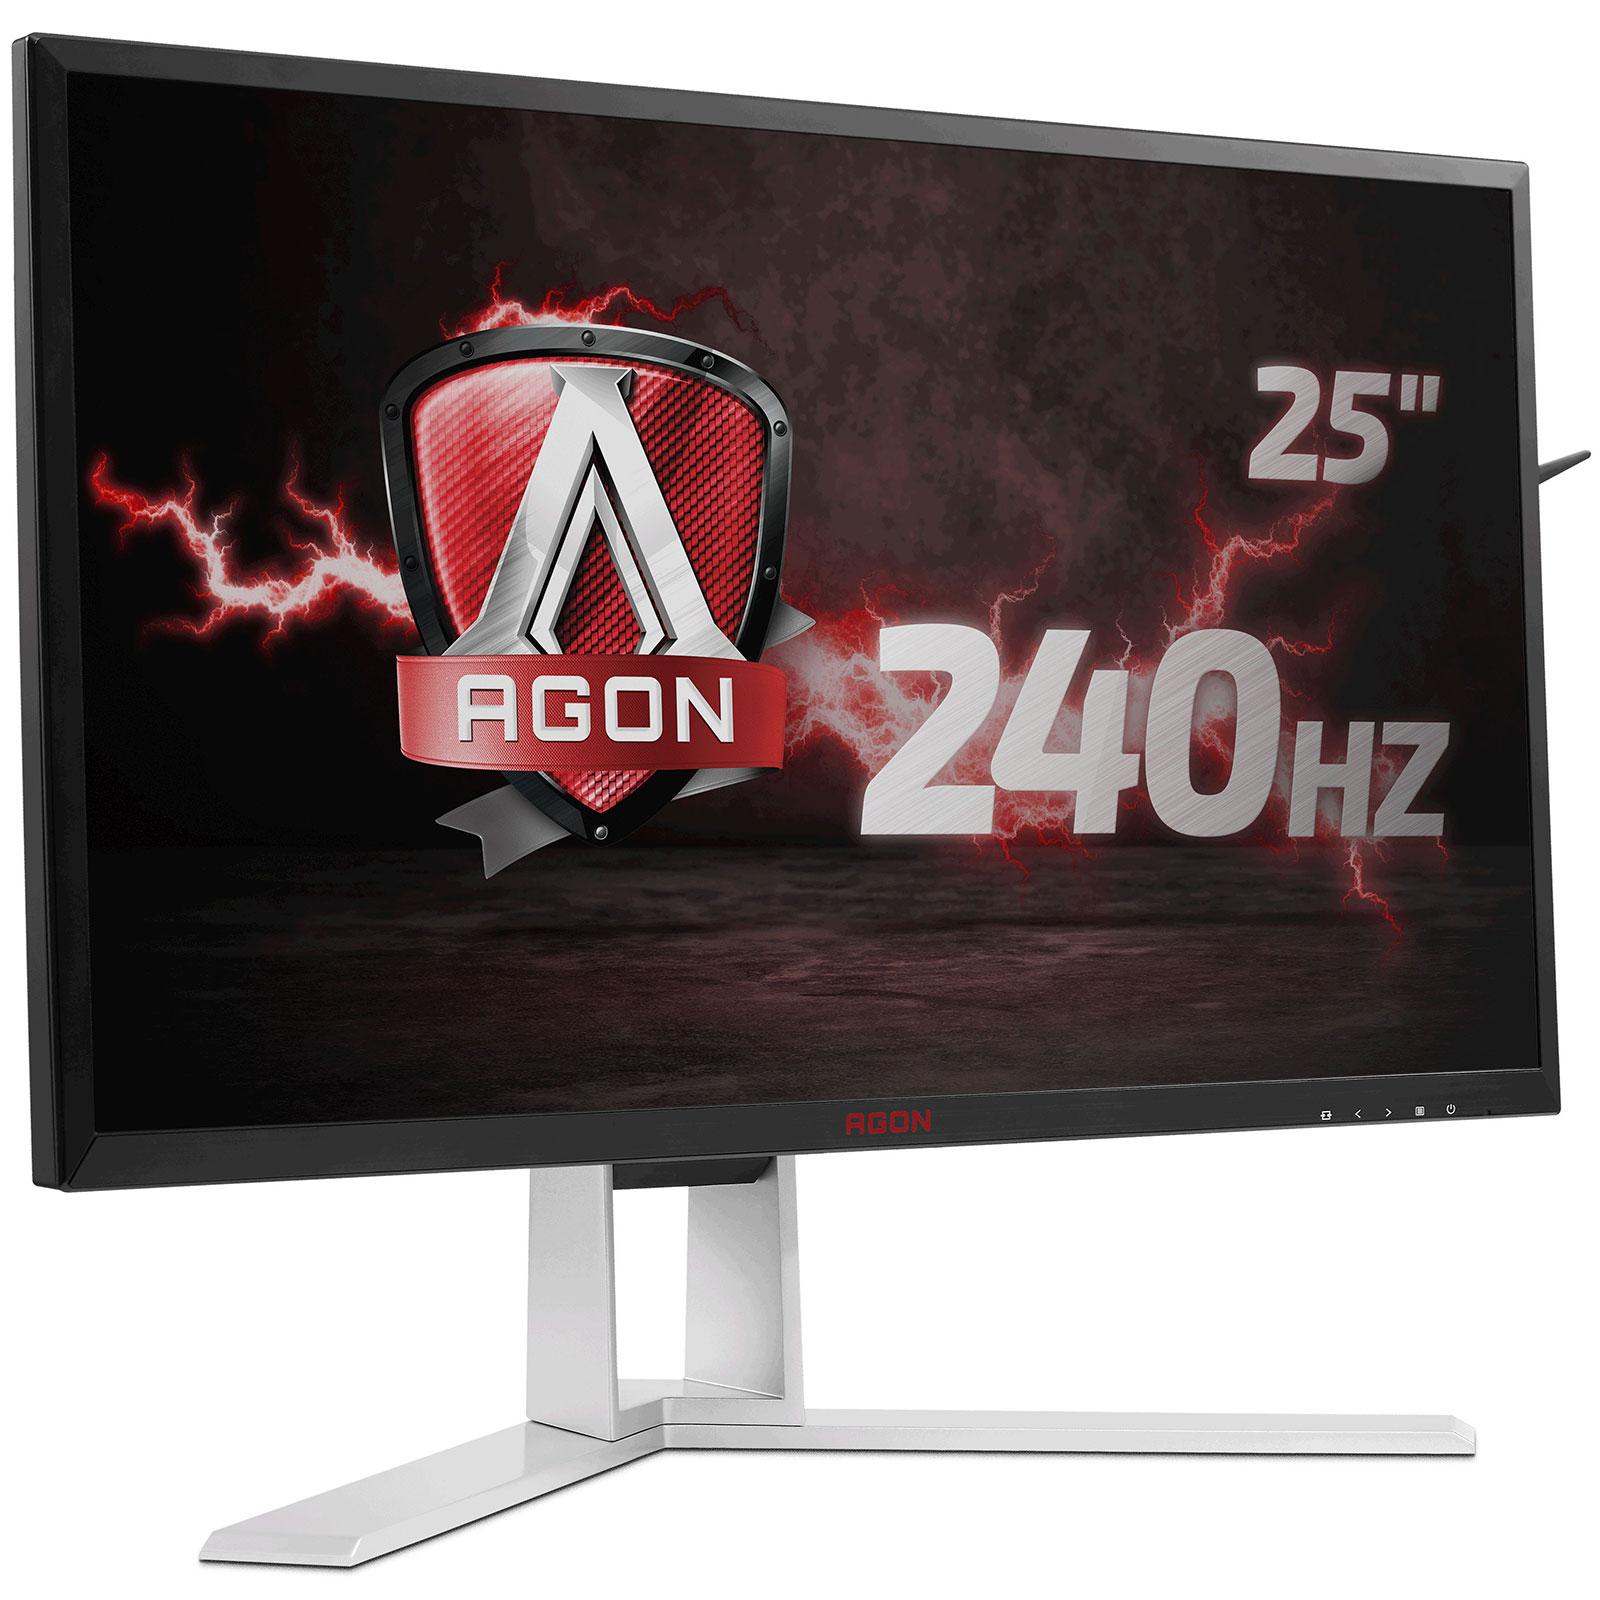 """Ecran PC AOC 24.5"""" LED - AGON AG251FZ 1920 x 1080 pixels - 1 ms (gris à gris) - Format large 16/9 - 240 Hz - DisplayPort - HDMI - Pivot - MHL - Hub USB 3.0 - Noir/Argent/Rouge"""